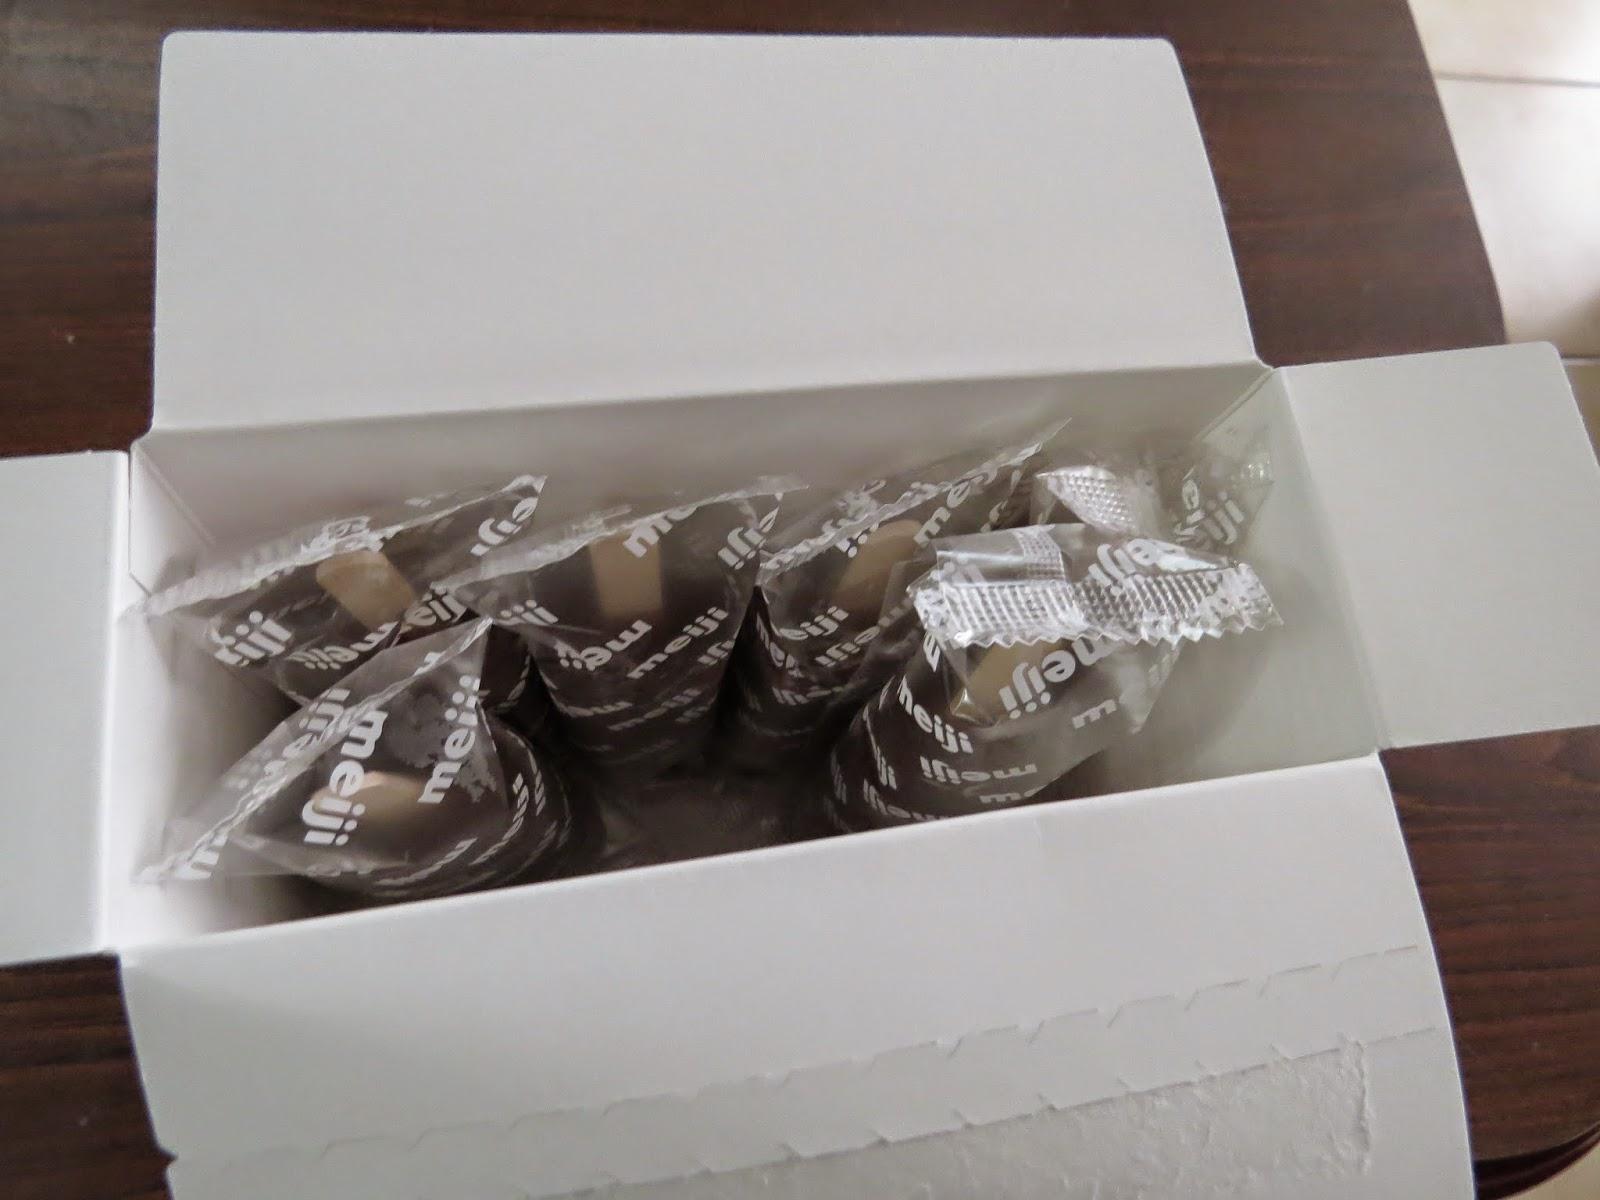 ~菇菇莉莉 GUGULILY~: [心得]明治草莓雪糕---跟巧克力版一樣好好味呀~(GU